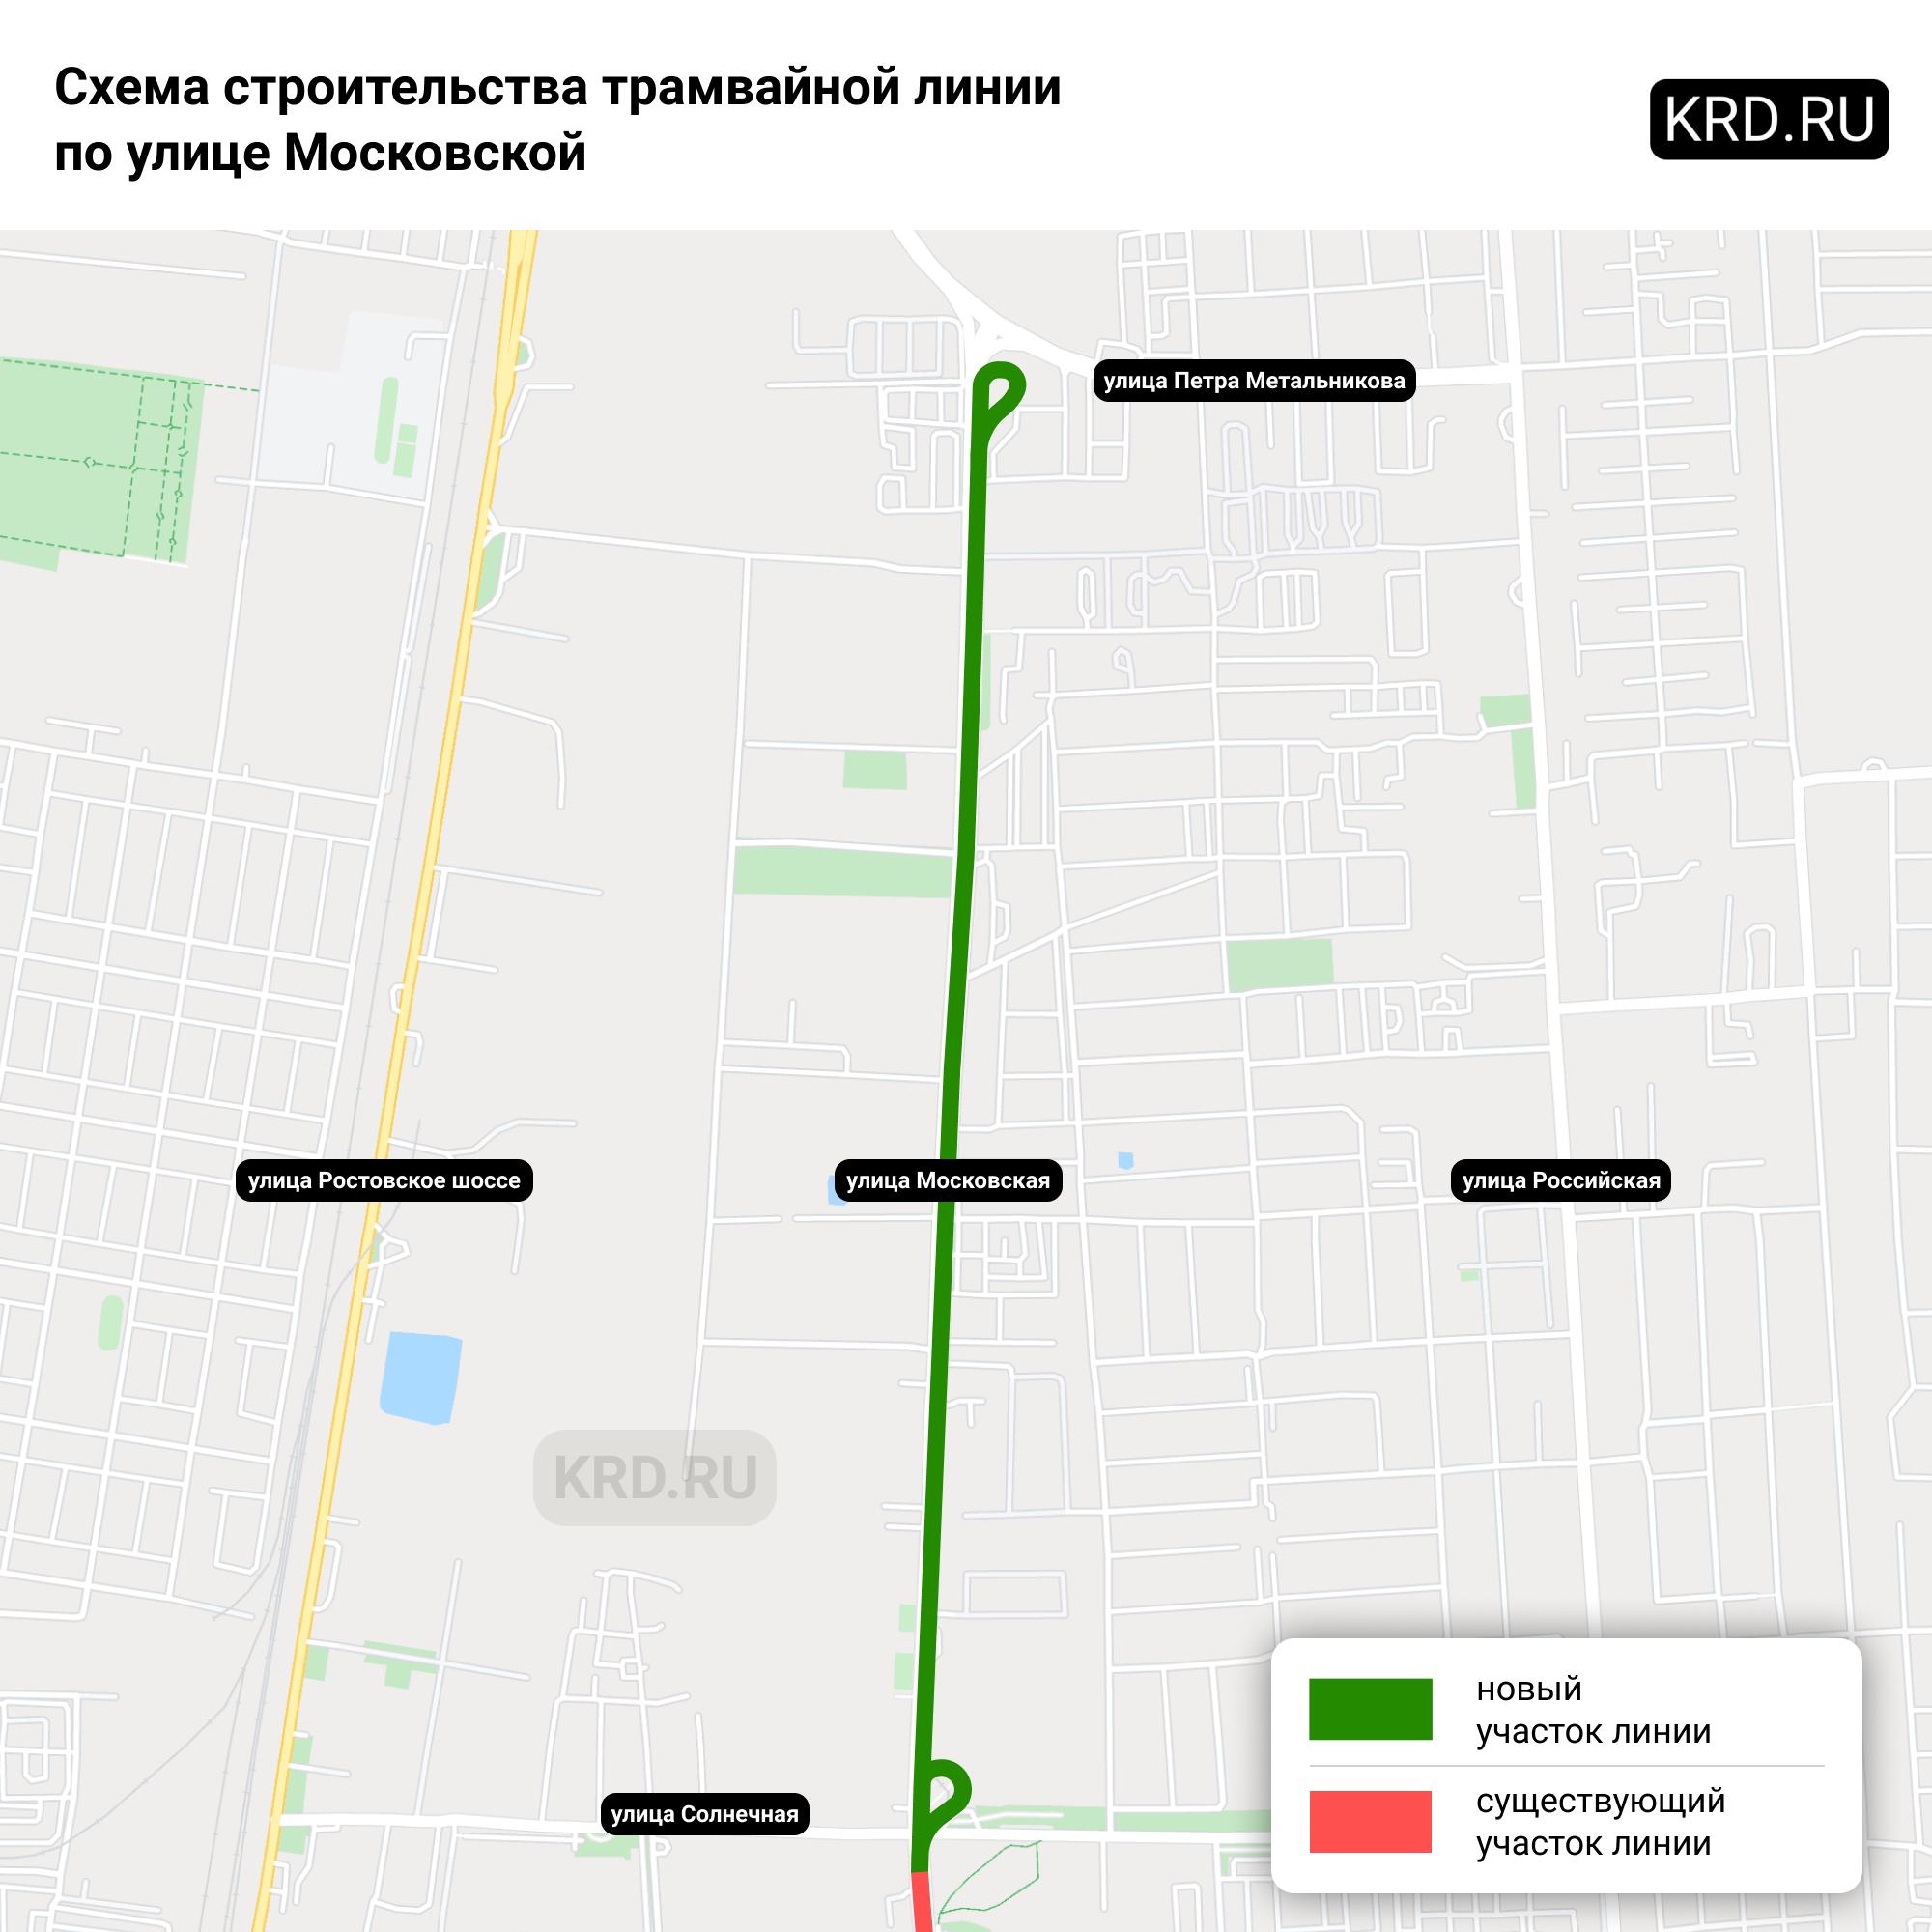 https://krd.ru/files/news/2020/09122020/UPD_krdru.png